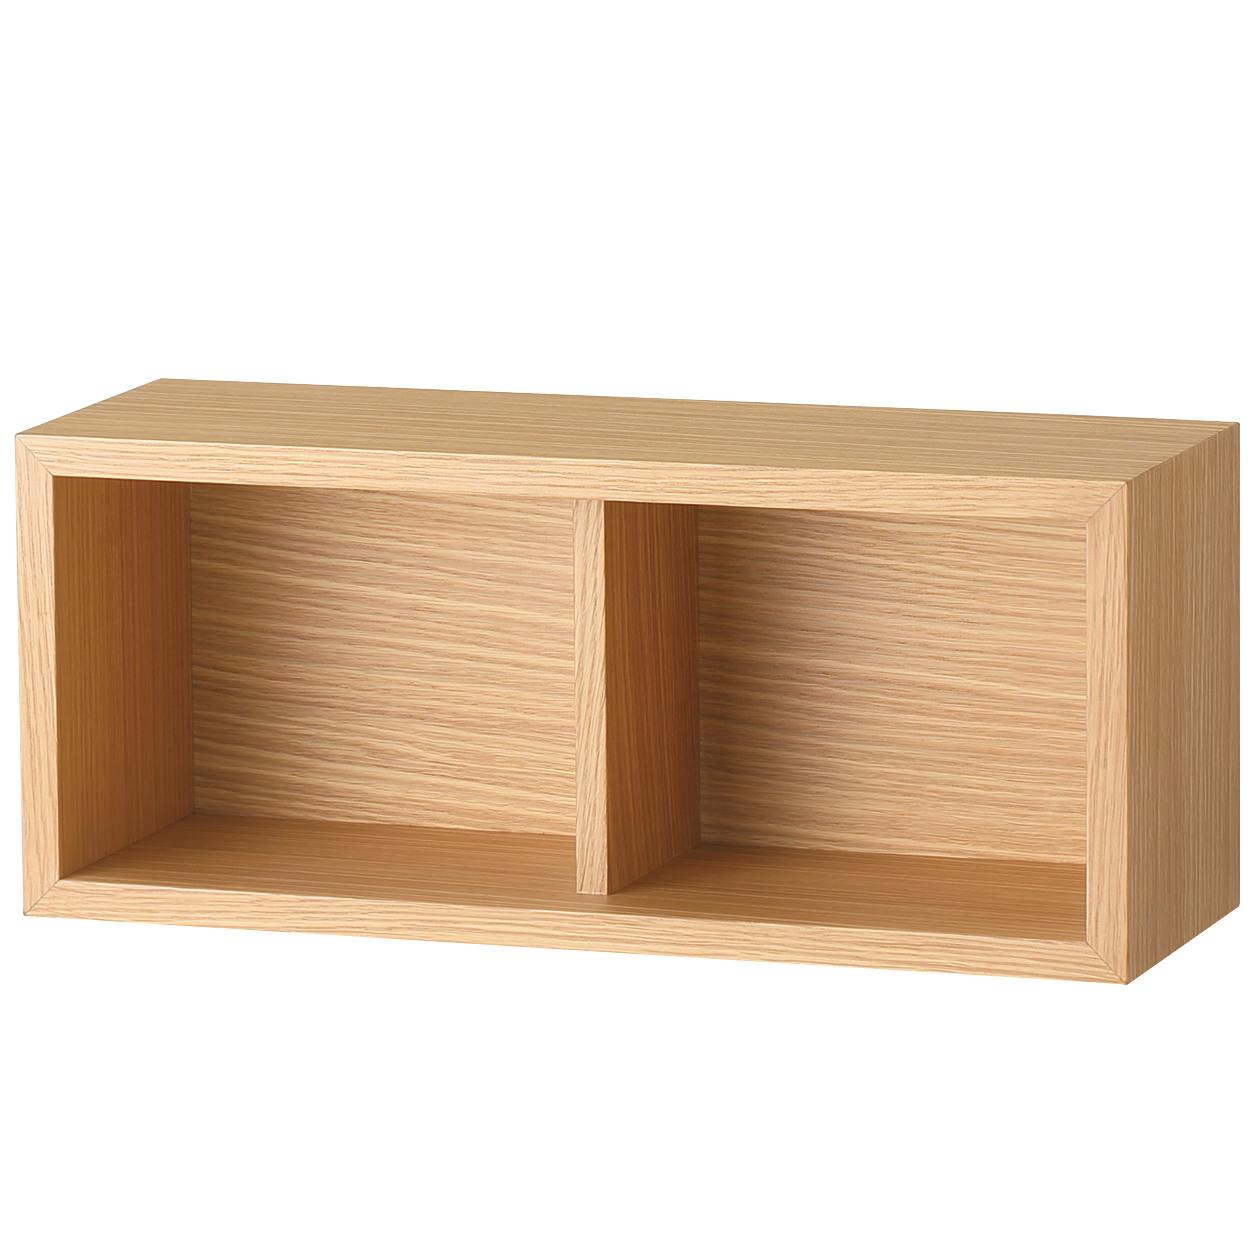 壁に付けられる家具・箱・幅44cm・オーク材の写真